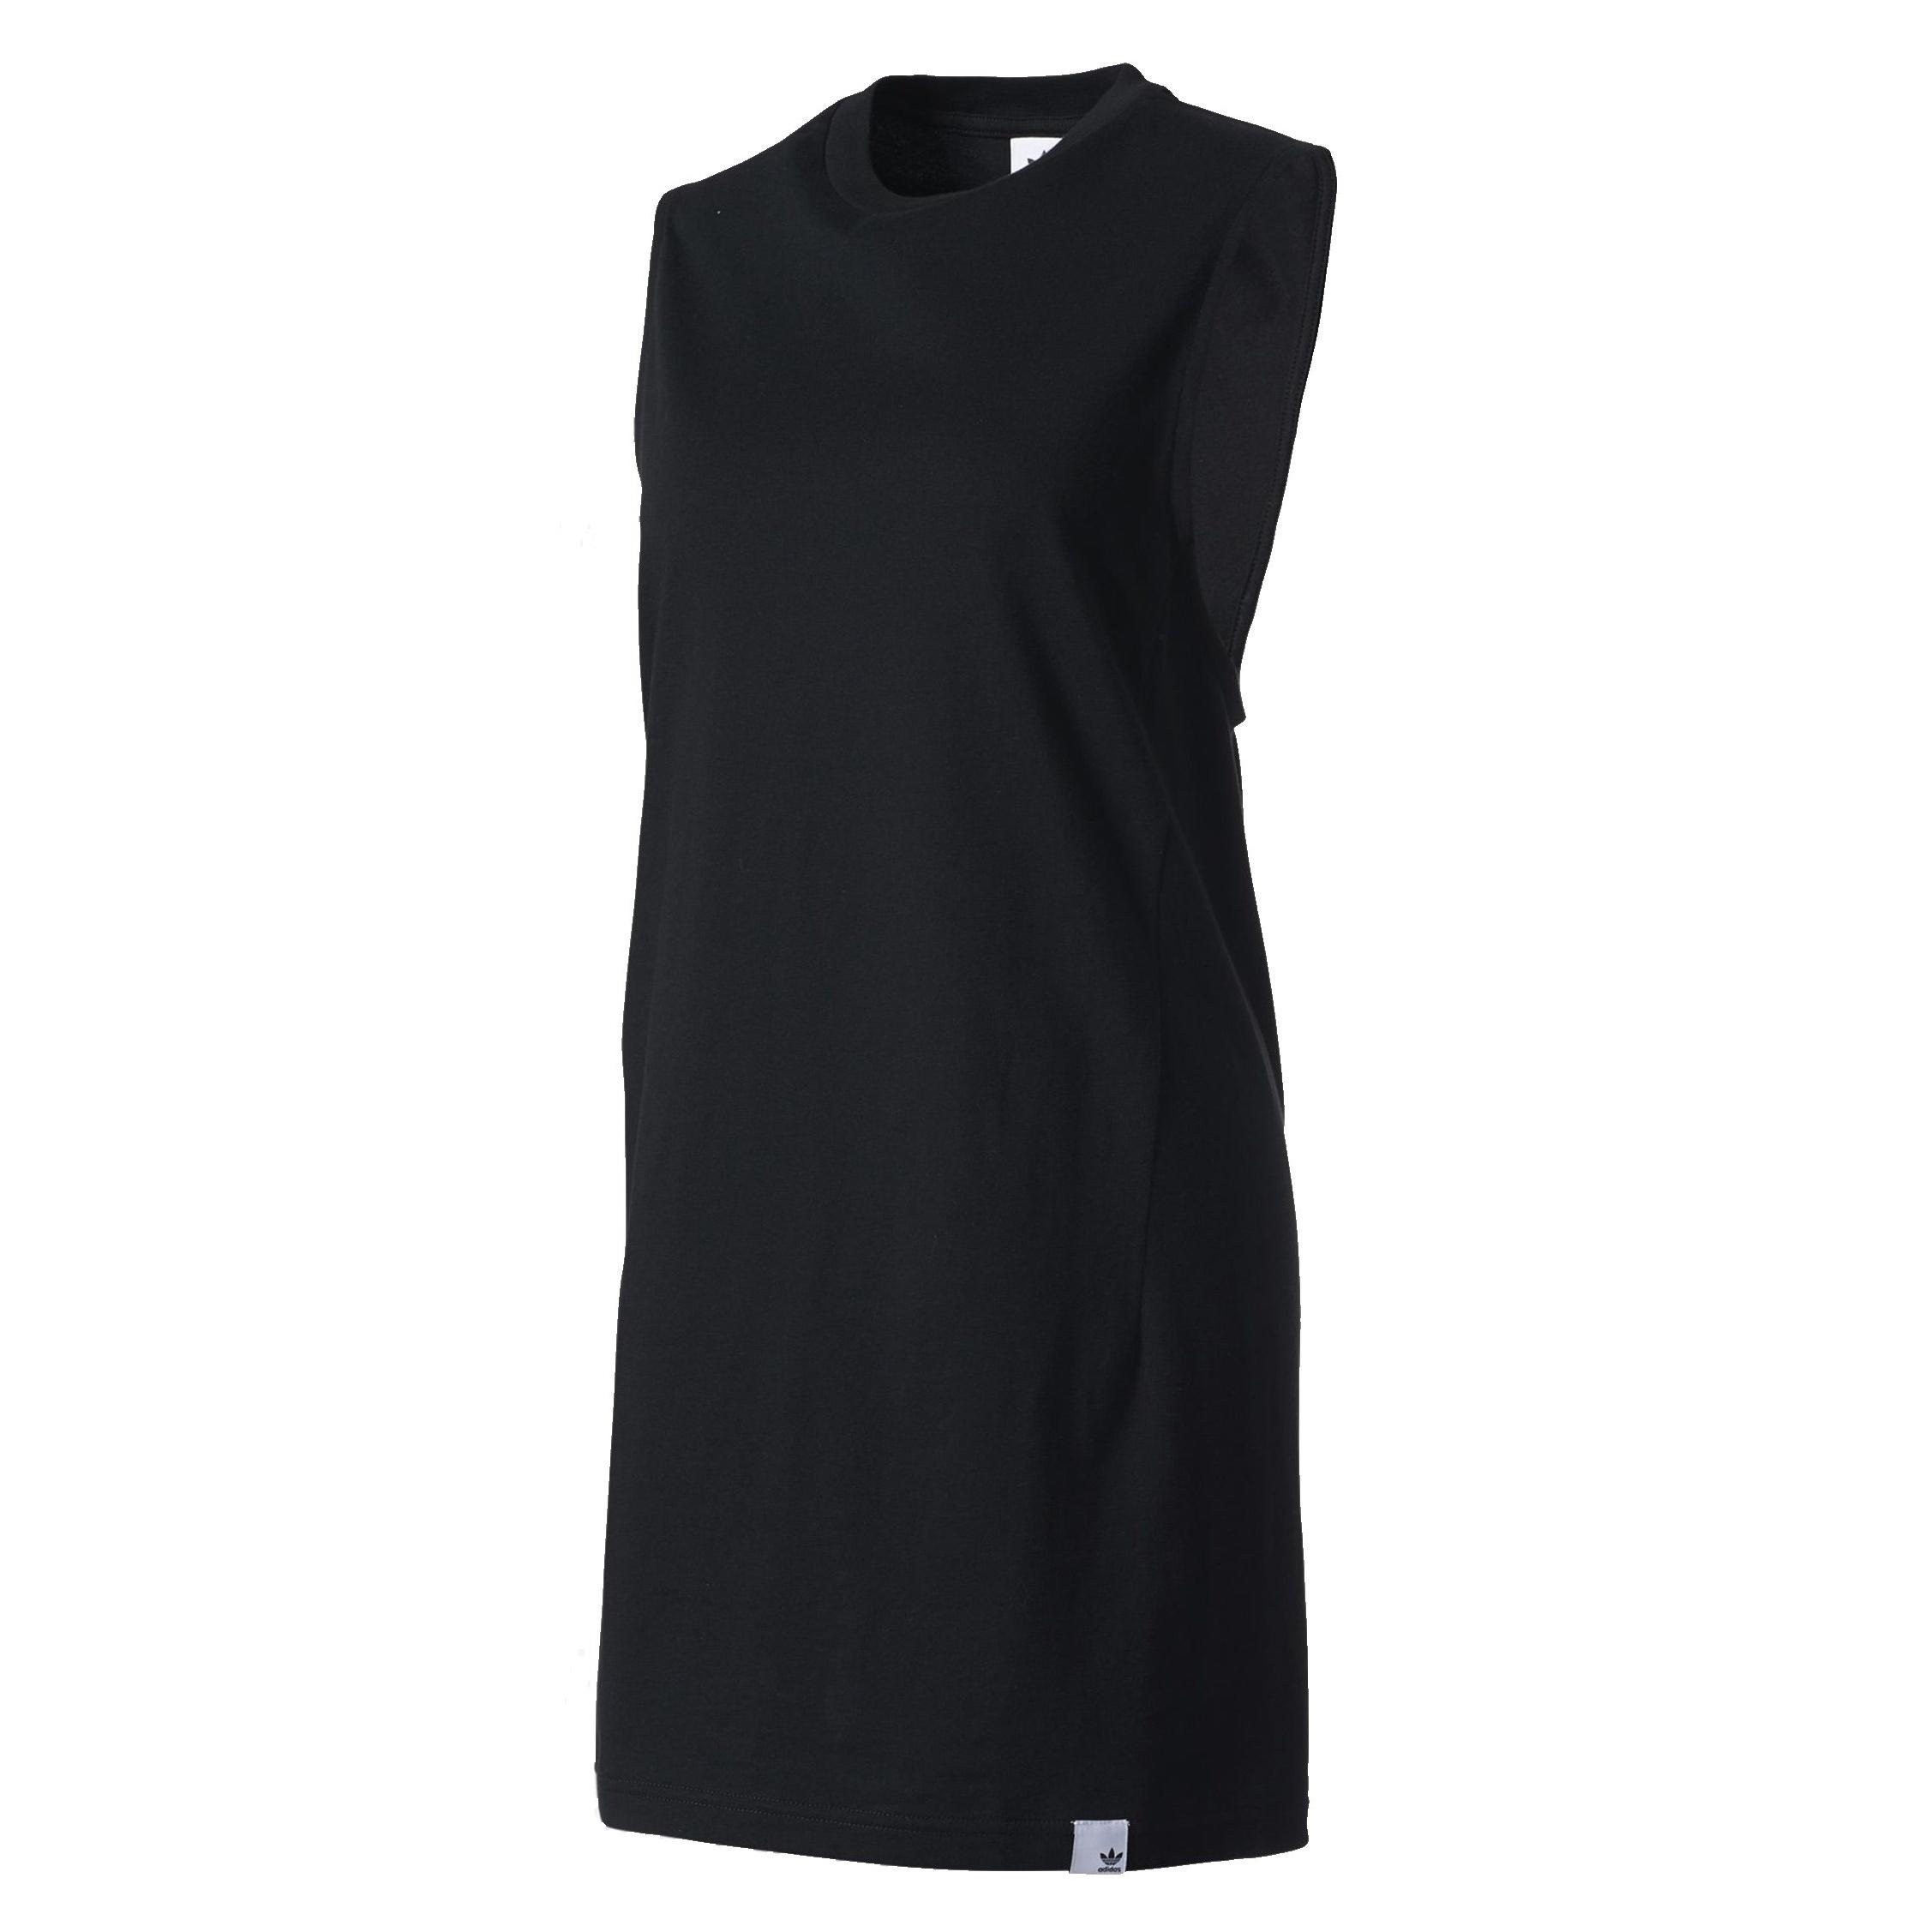 دامن و پیراهن ورزشی زنانه